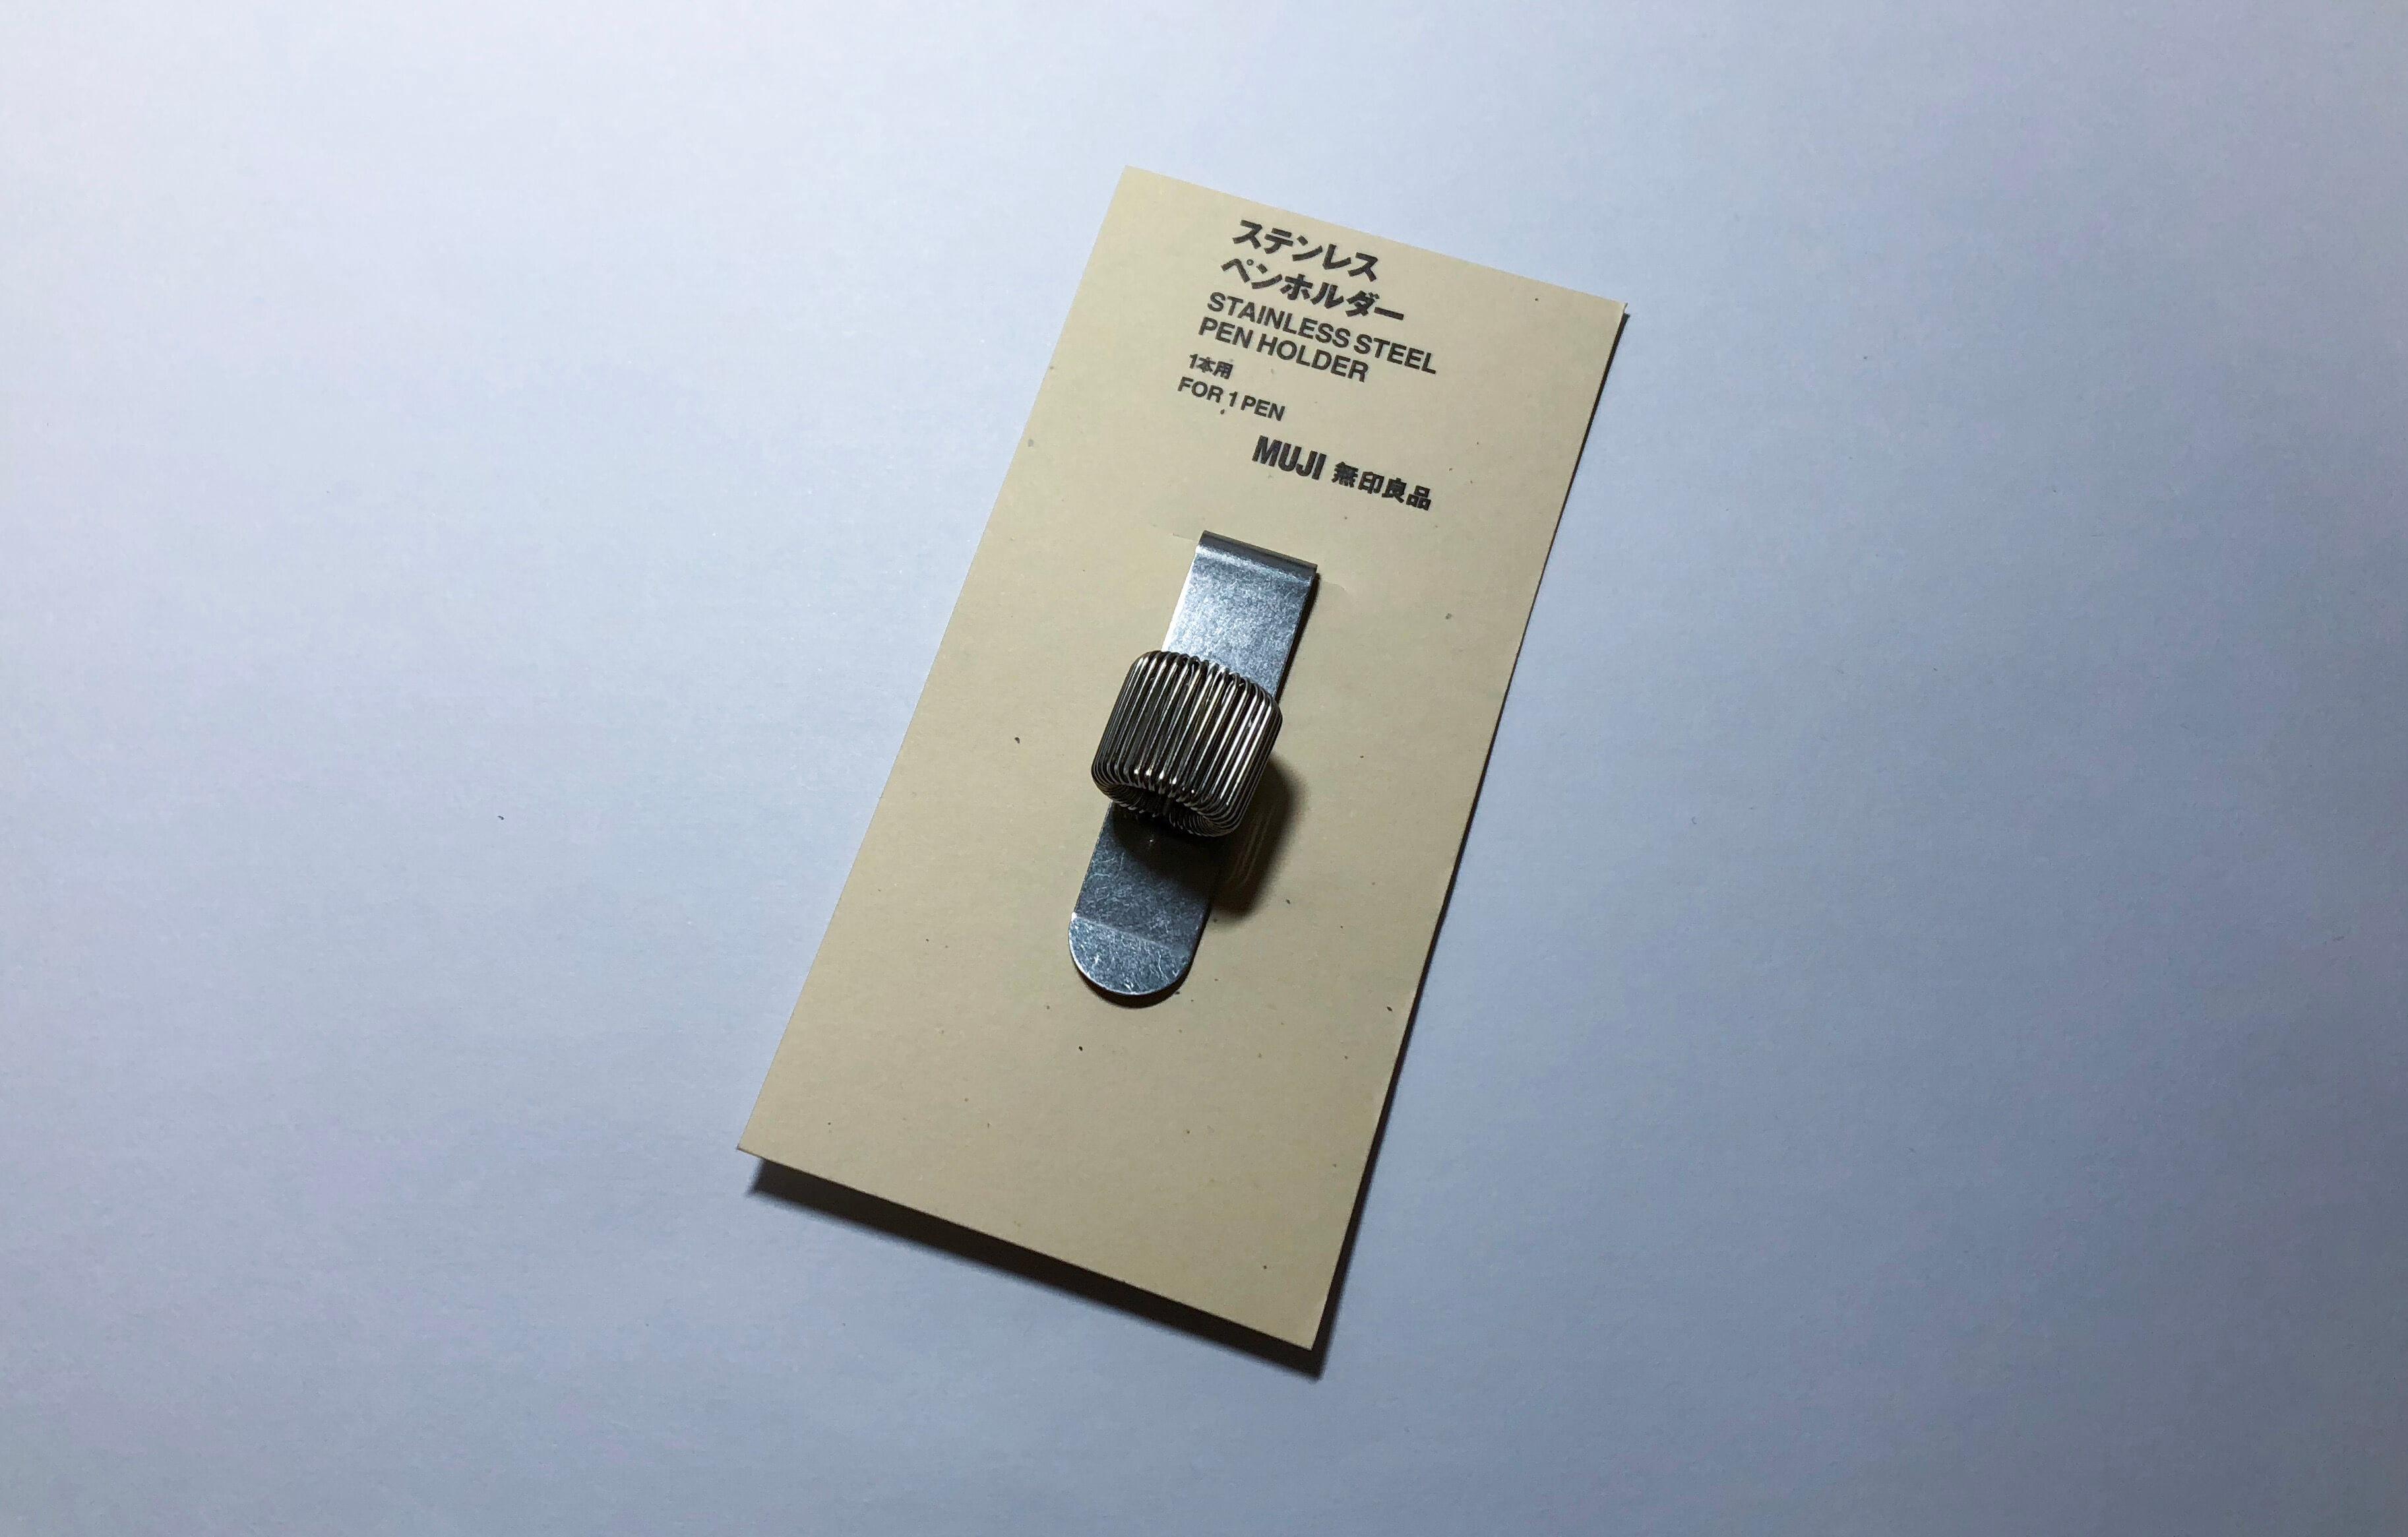 ノートや手帳に挟むだけで使える無印良品のステンレスペンホルダー